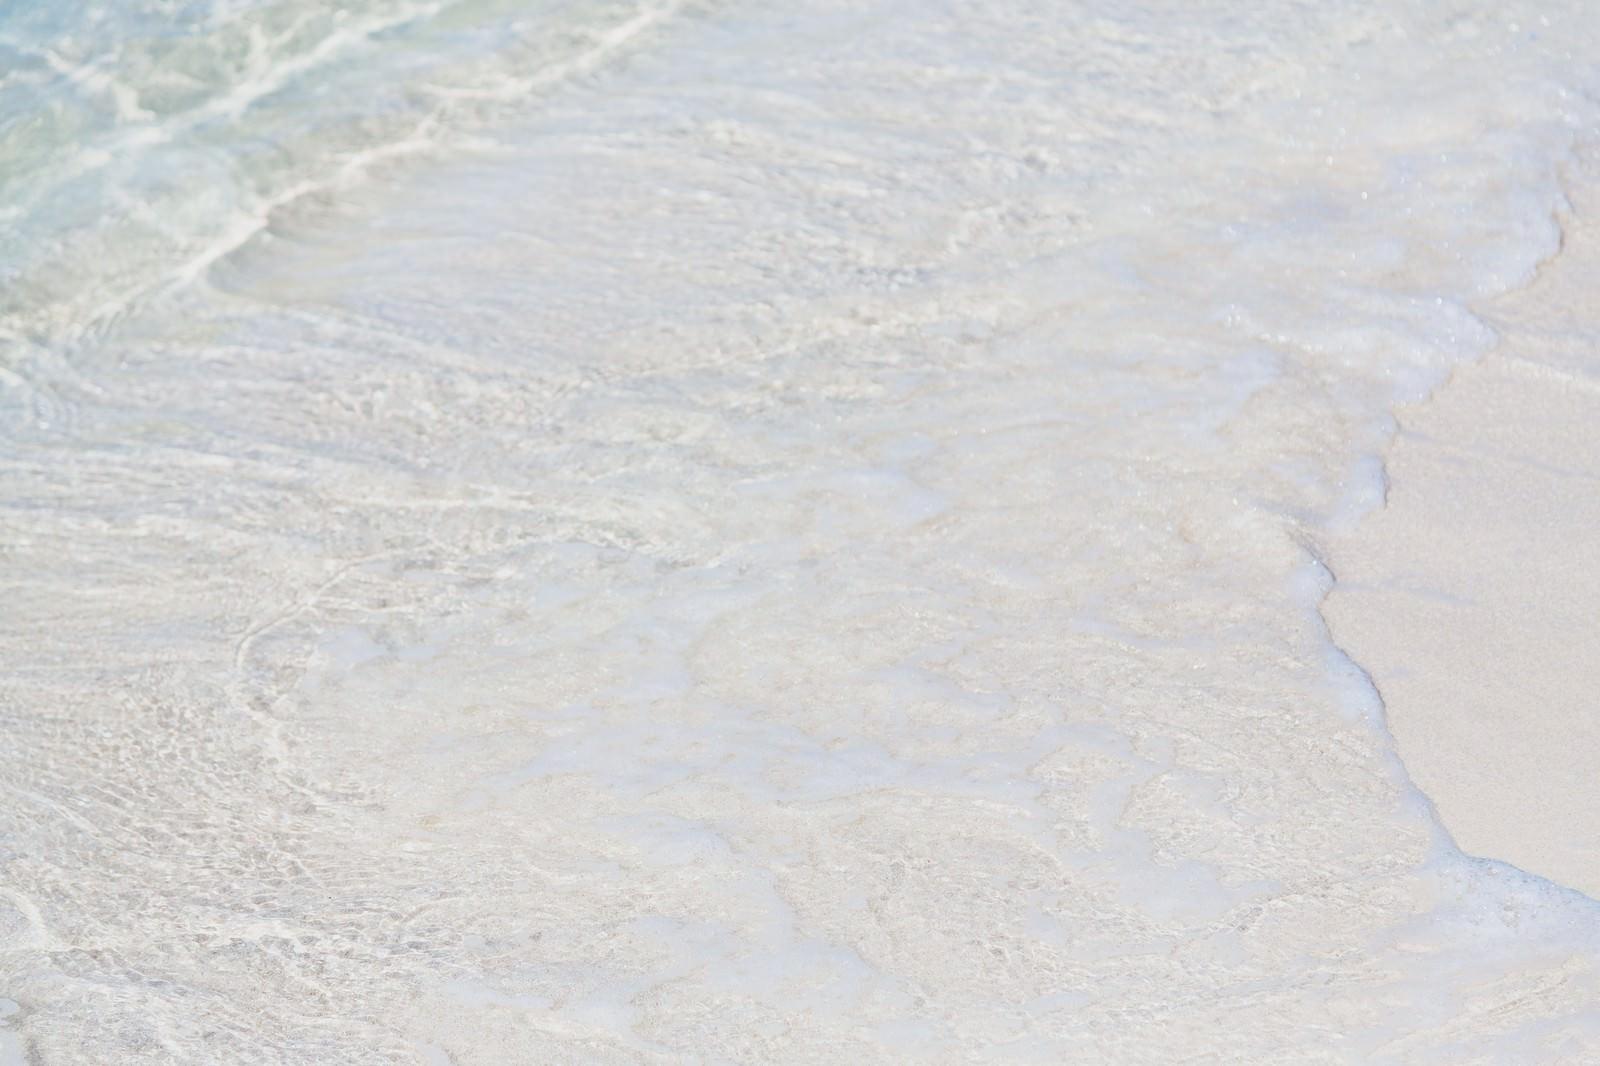 「押し寄せる波」の写真